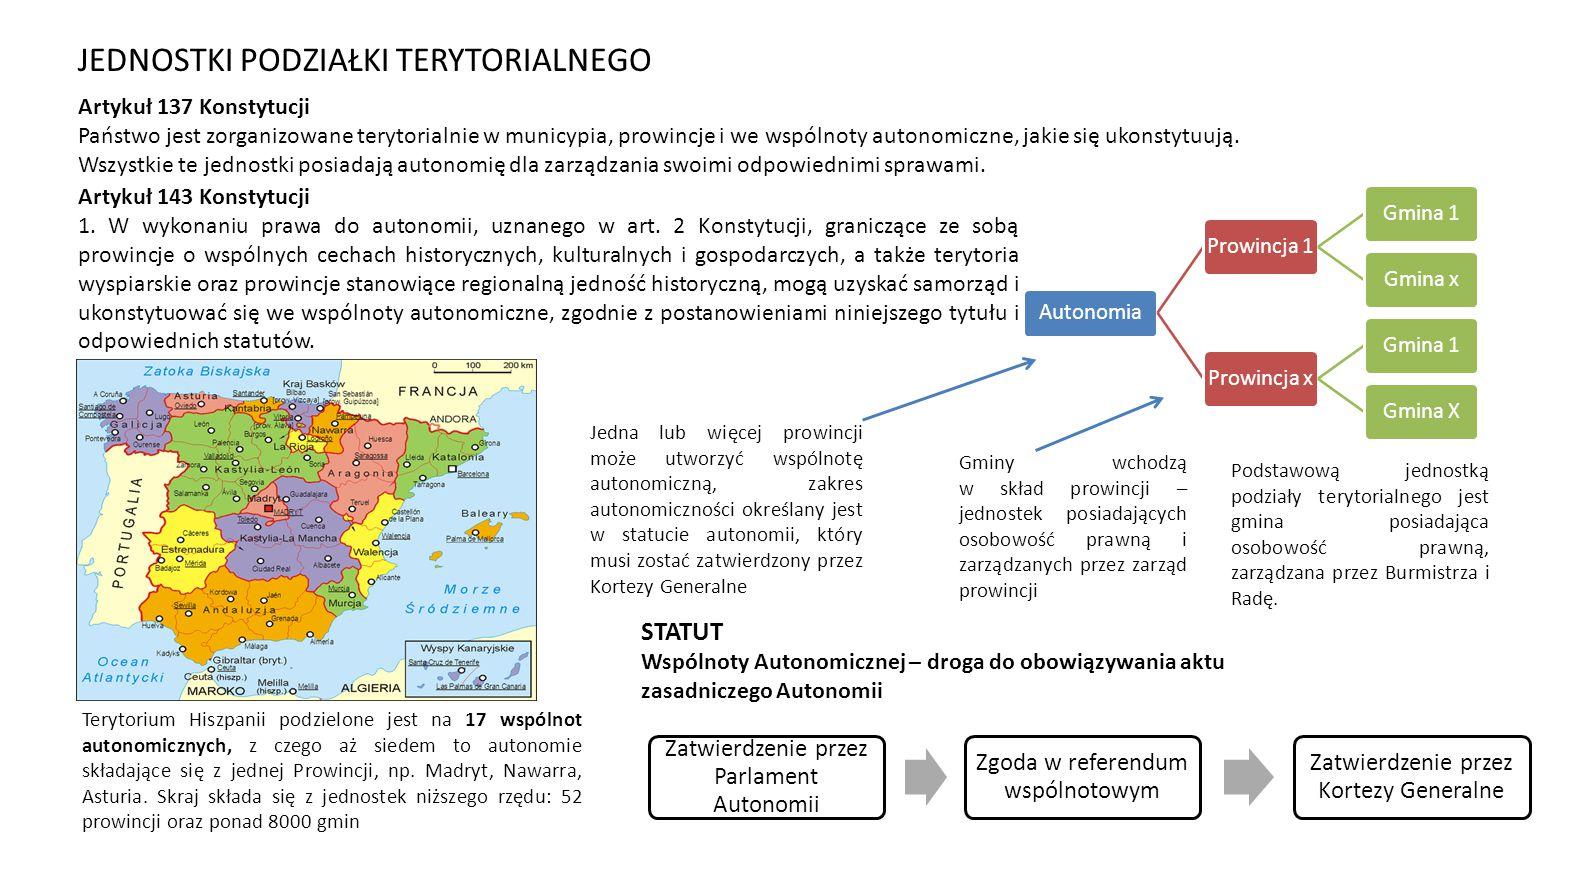 Autonomia Prowincja 1Gmina 1Gmina xProwincja xGmina 1Gmina X Podstawową jednostką podziały terytorialnego jest gmina posiadająca osobowość prawną, zar